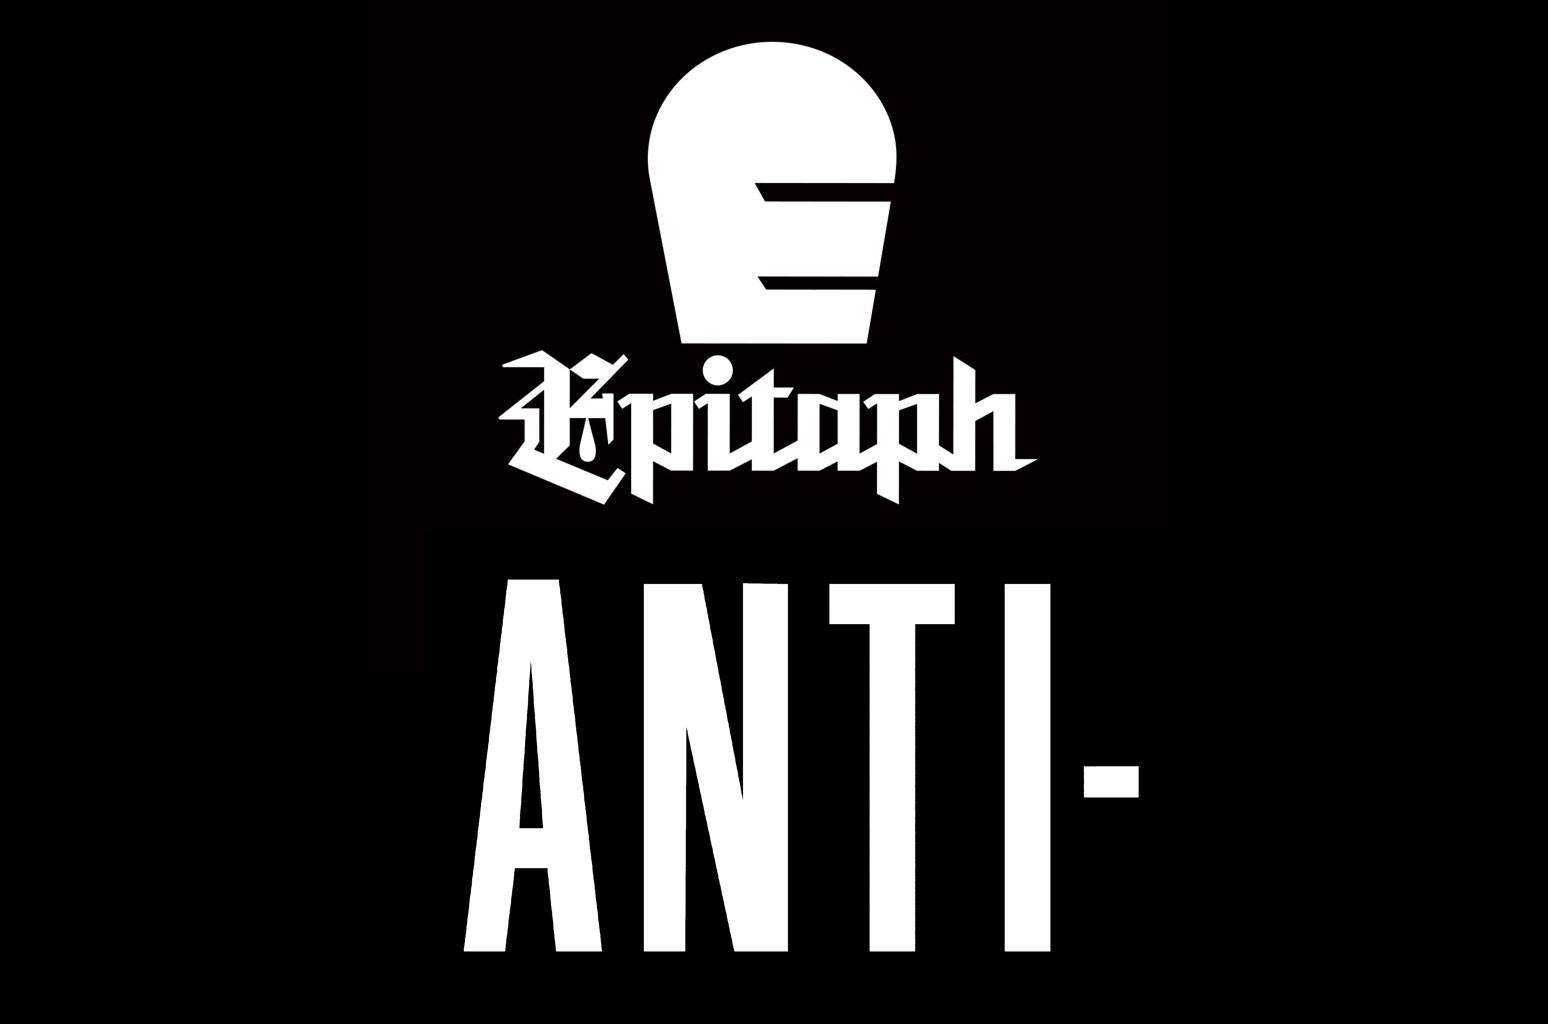 Epitaph Anti